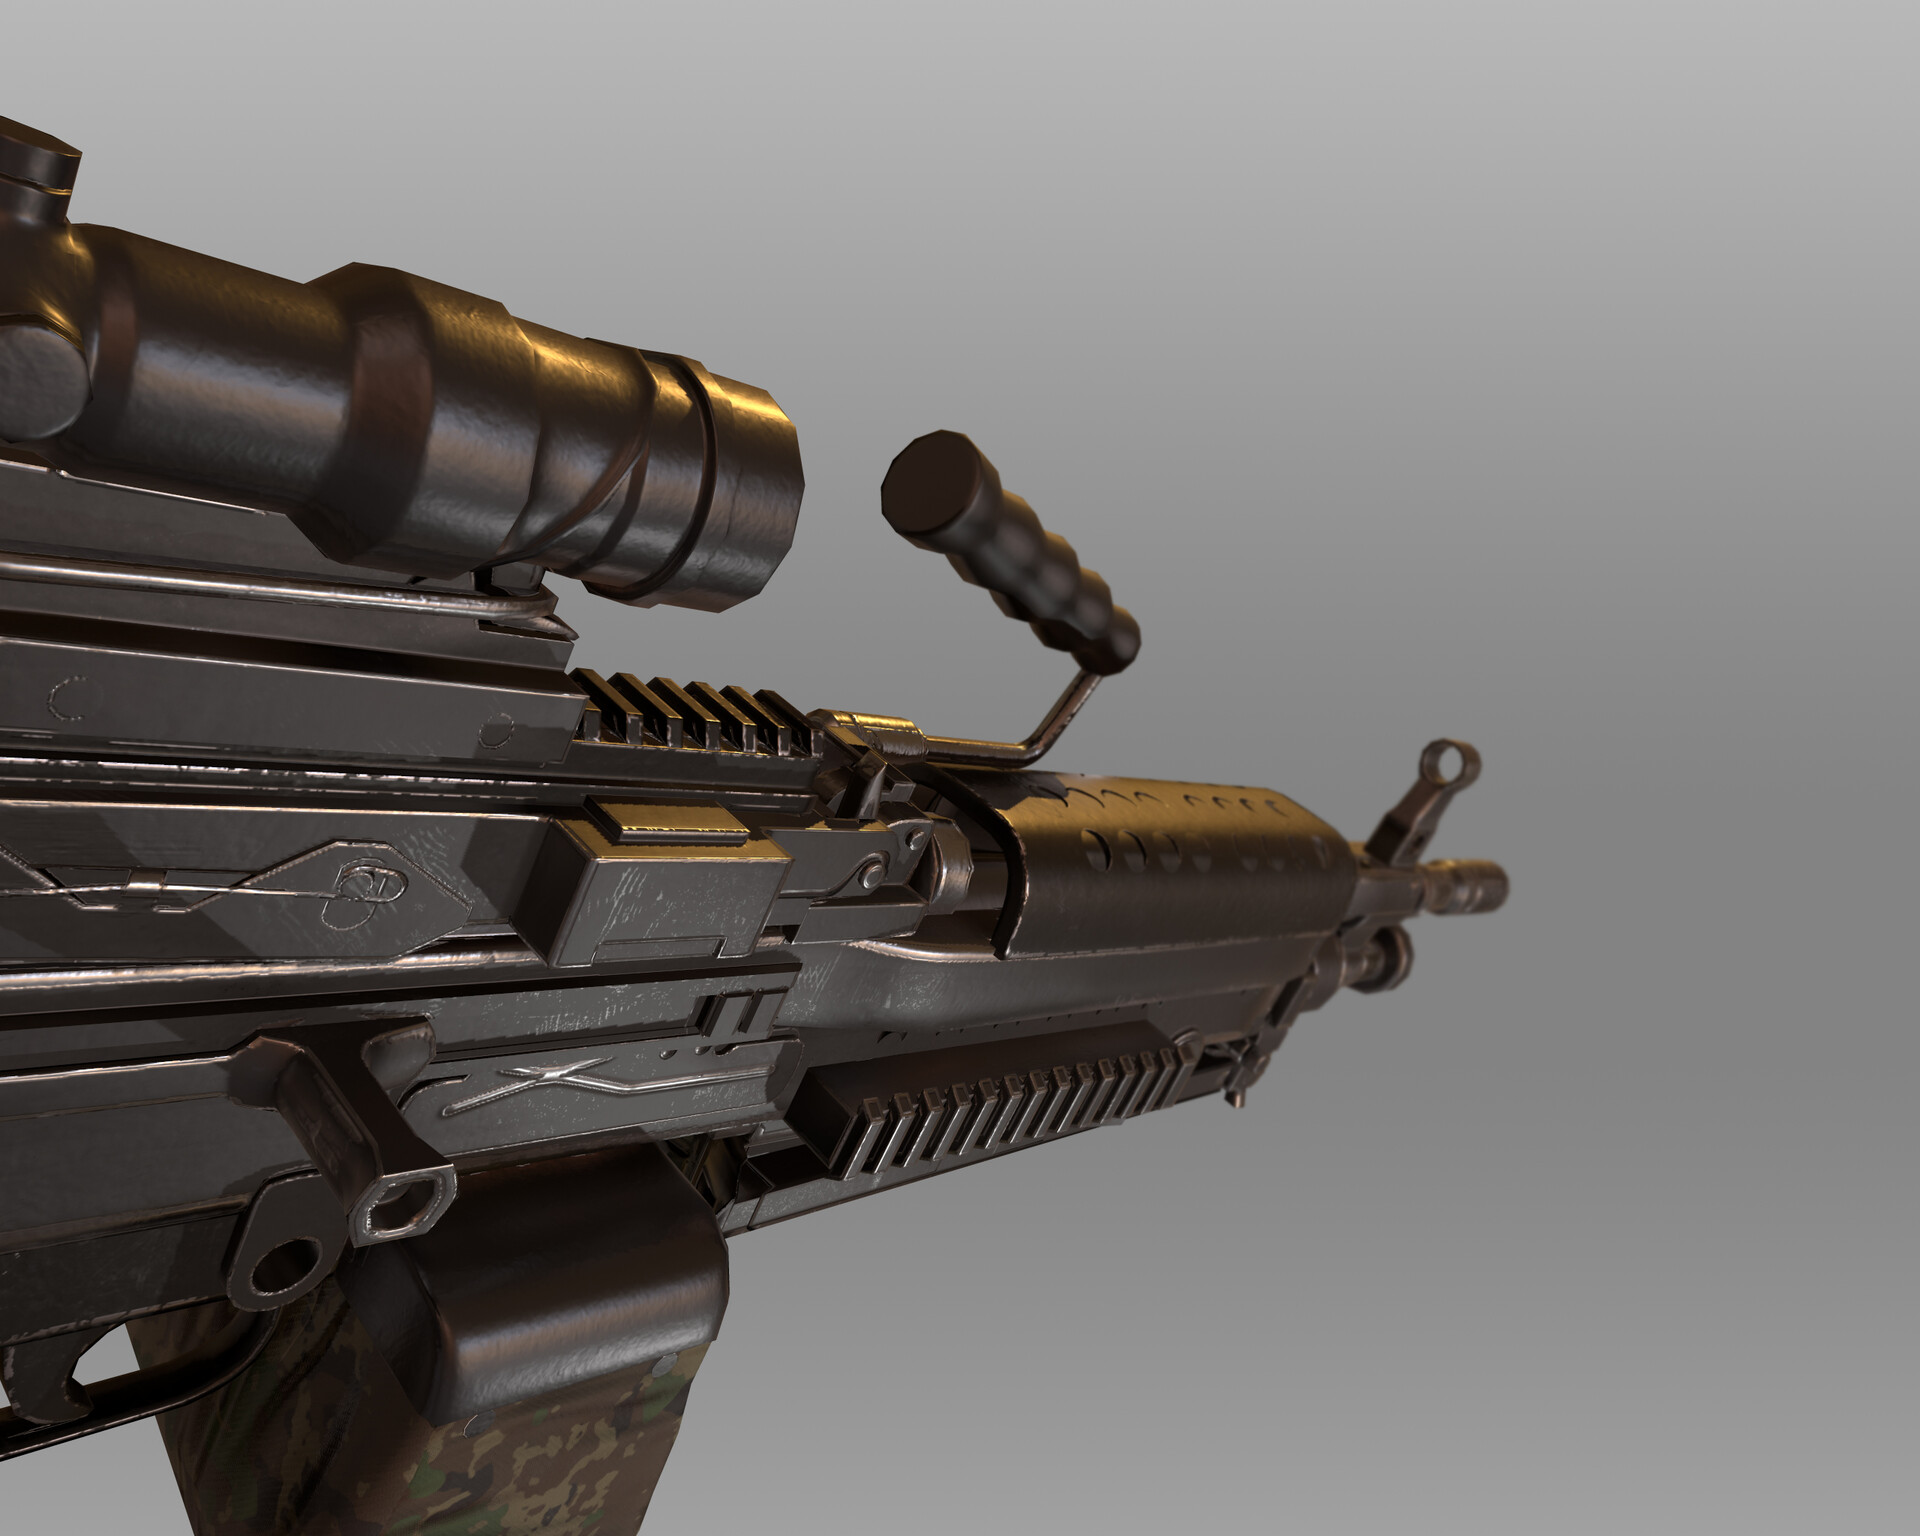 ArtStation - Light Machine Gun M249, Daniel Virgen